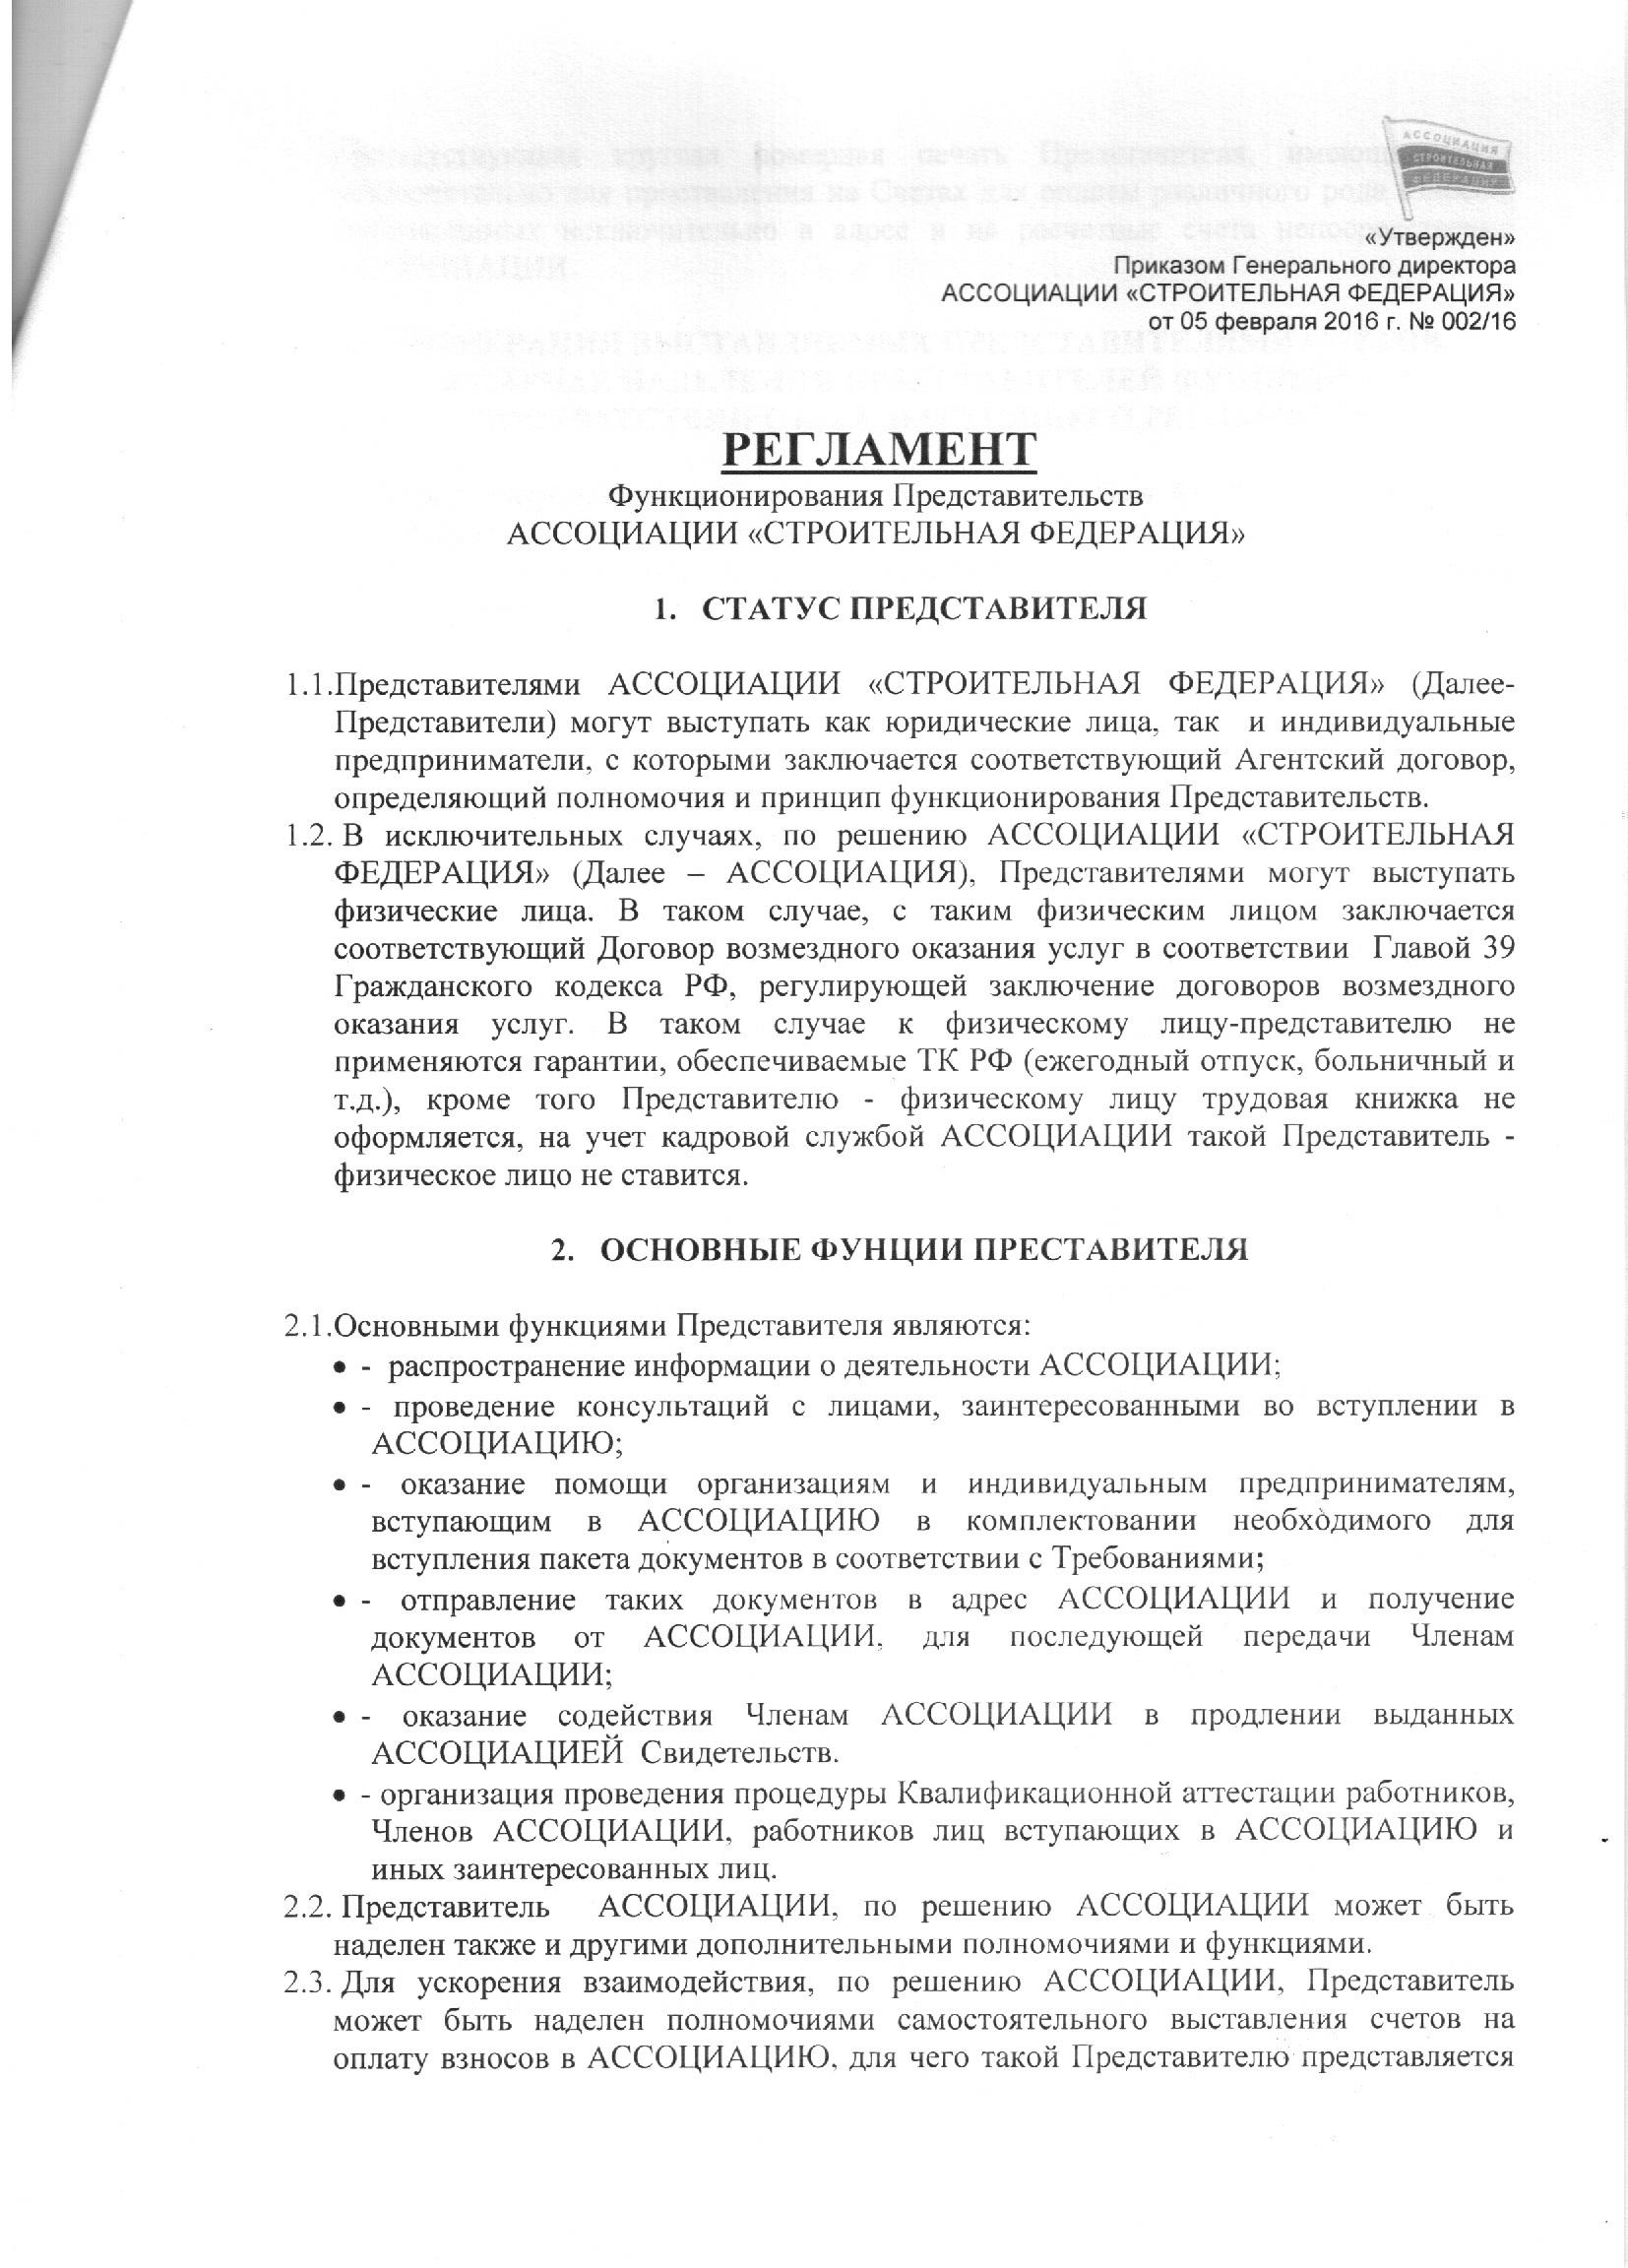 Reglament Predstavitelstv 1